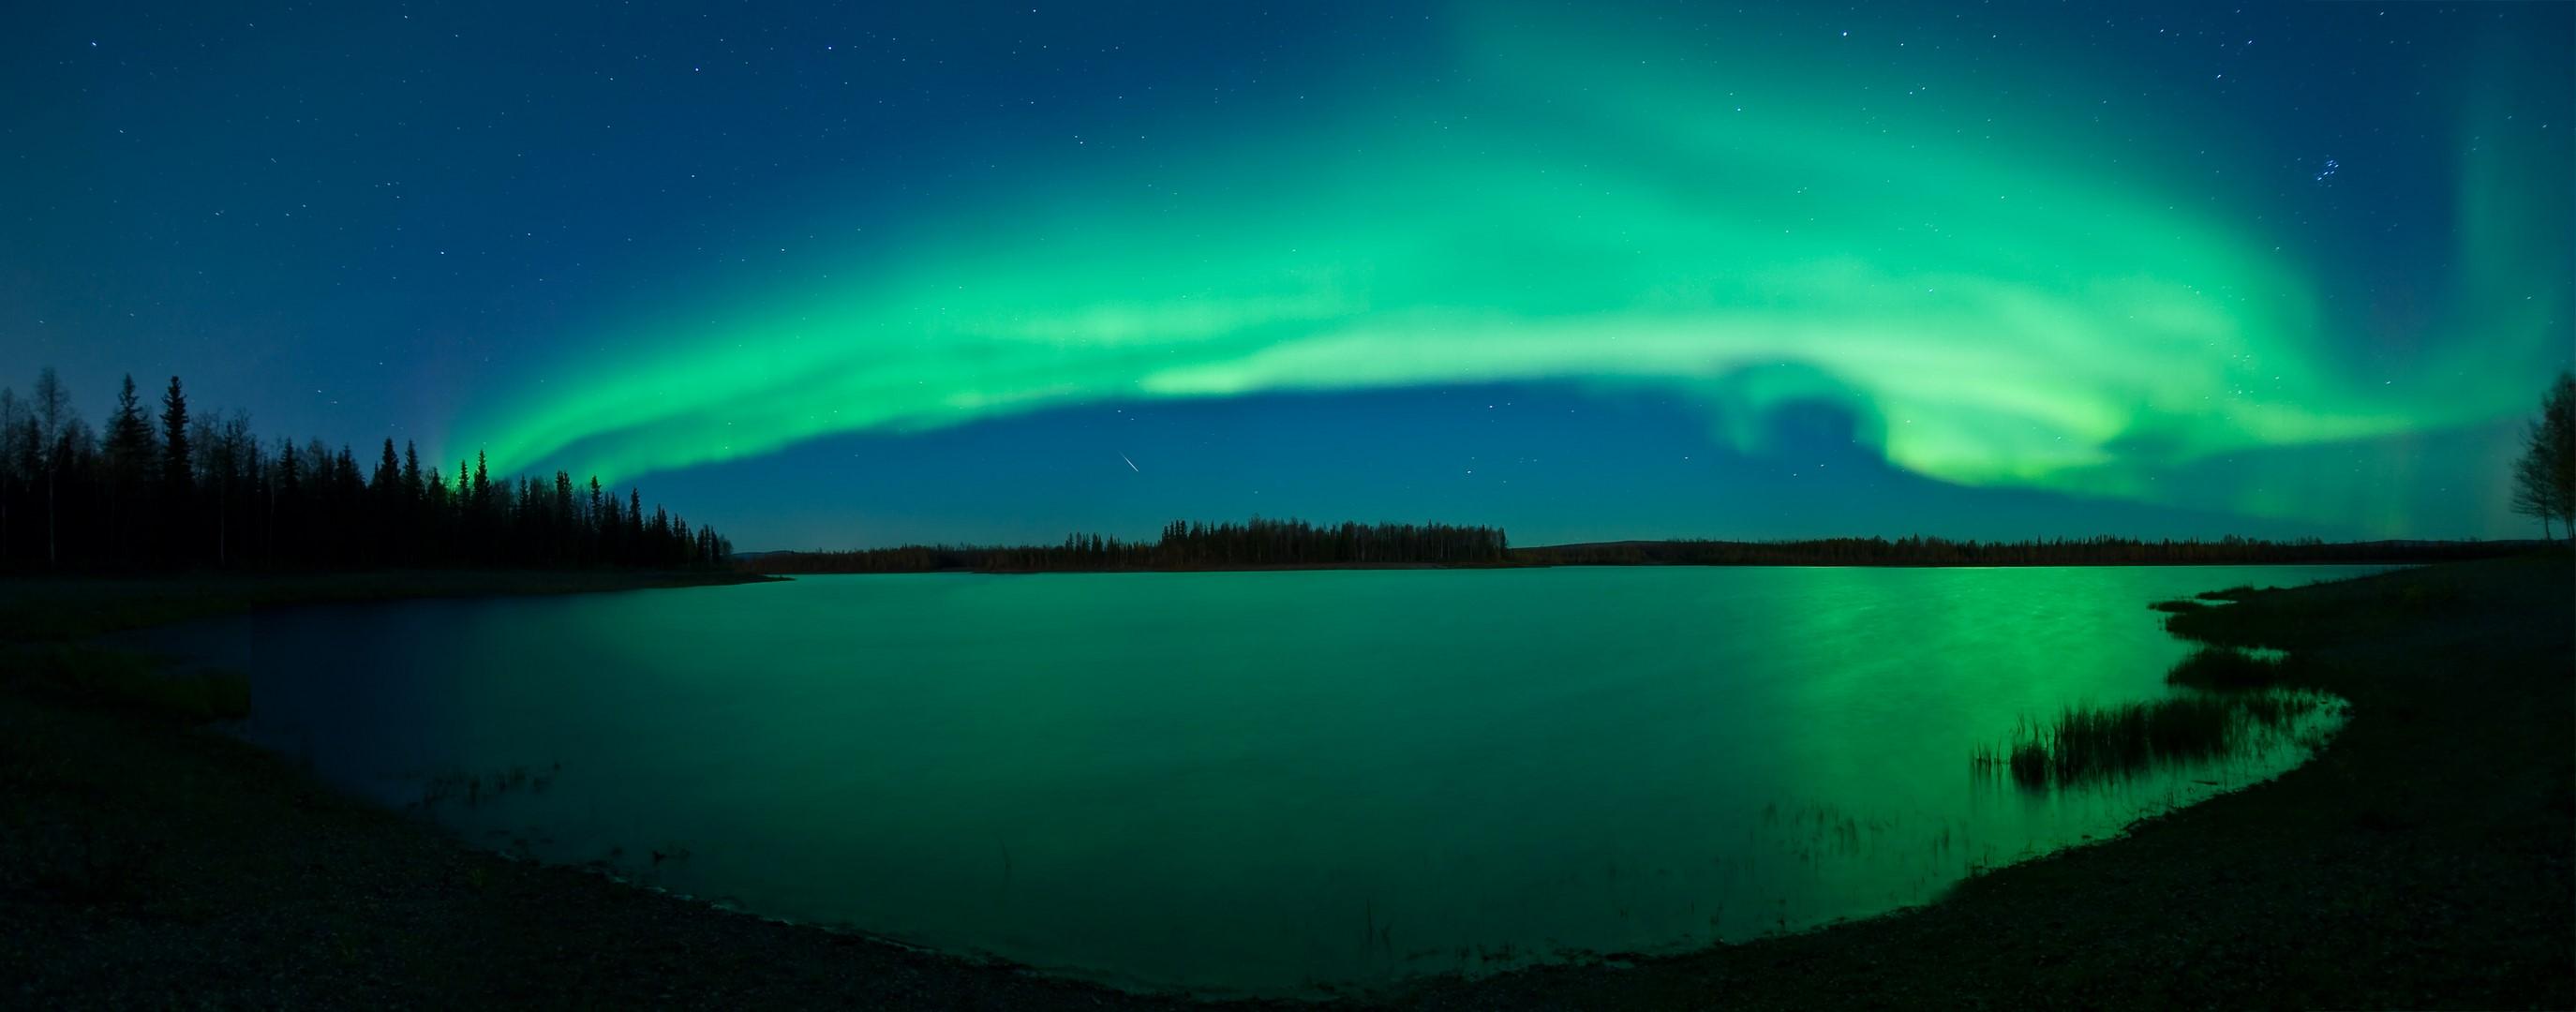 Aurora boreal ac